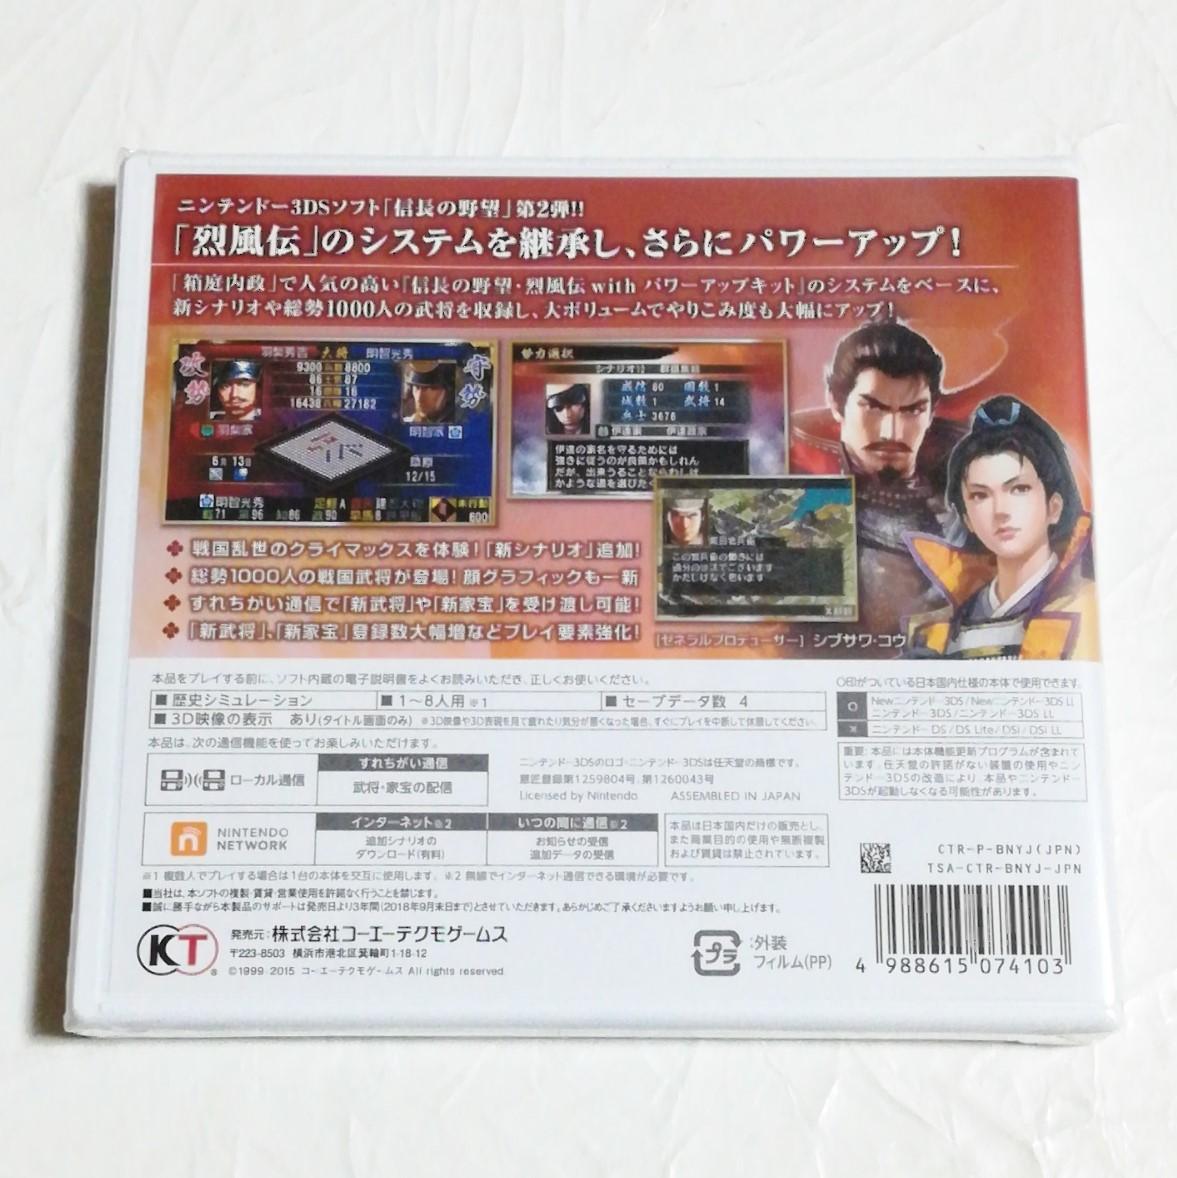 信長の野望2【Nintendo 3DS】新品未開封★通常版★送料込み